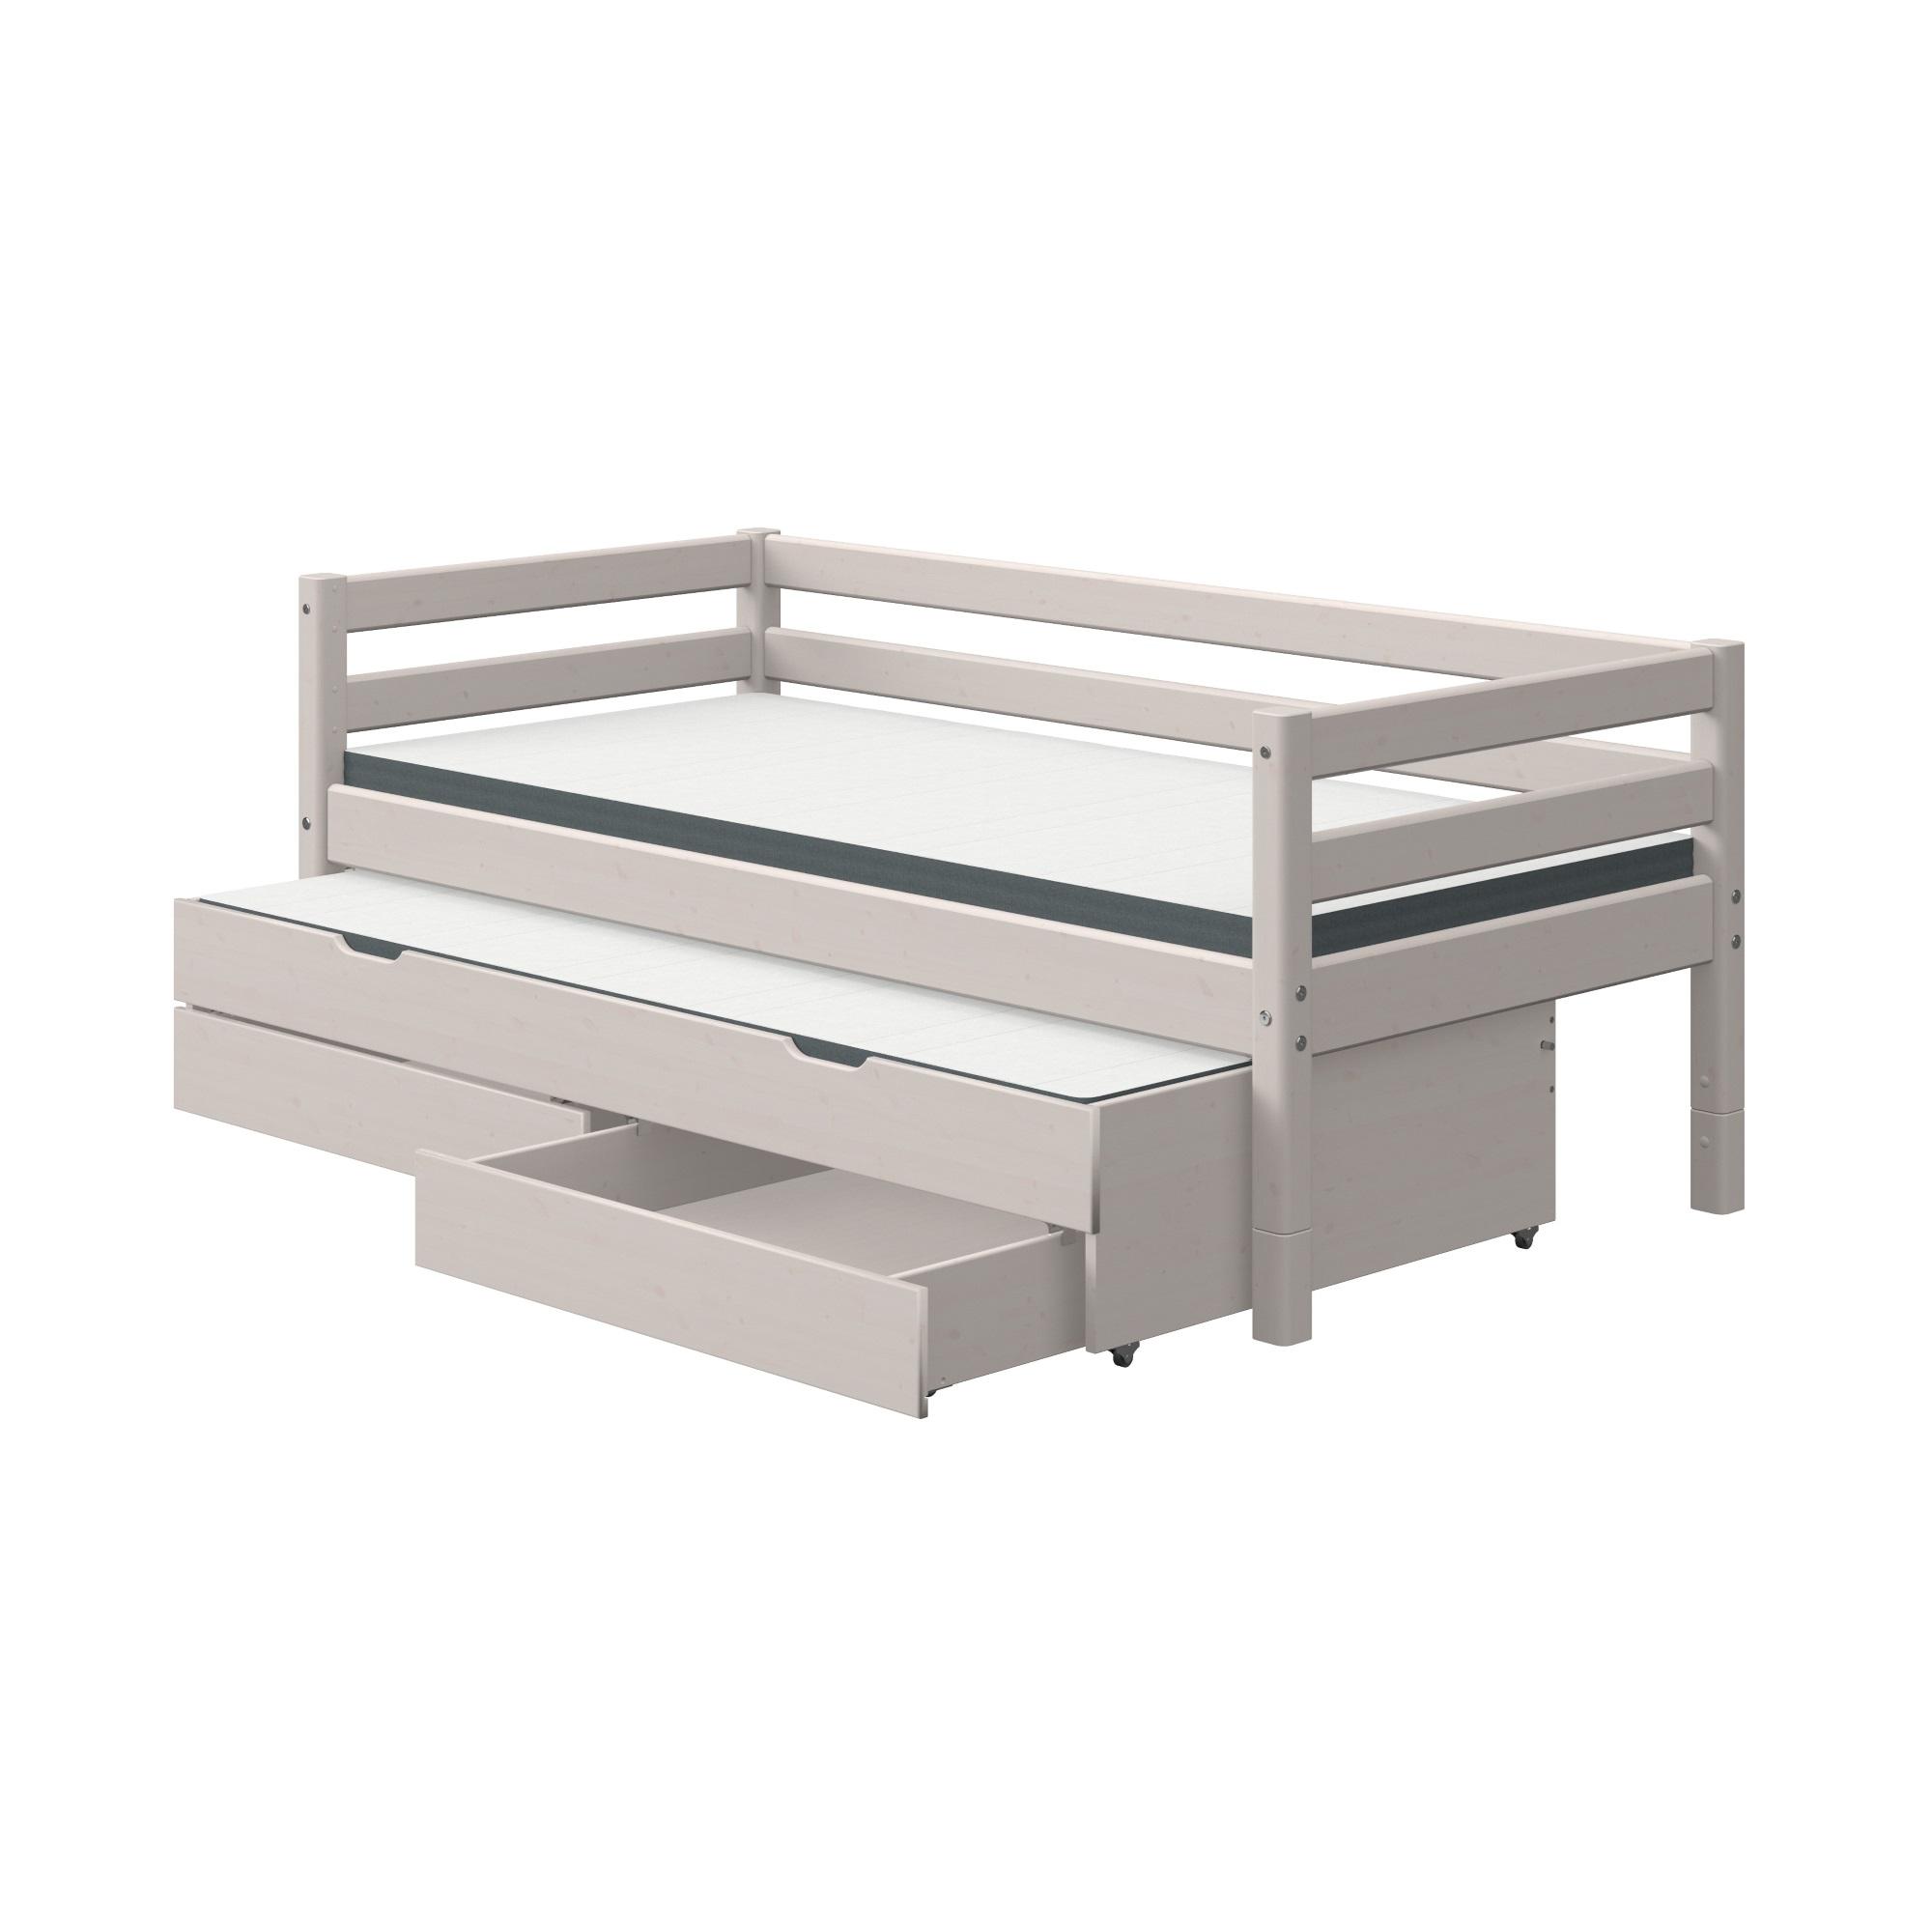 Säng grå 90 x 200 cm sänglådor utdragssäng, FLEXA CLASSIC